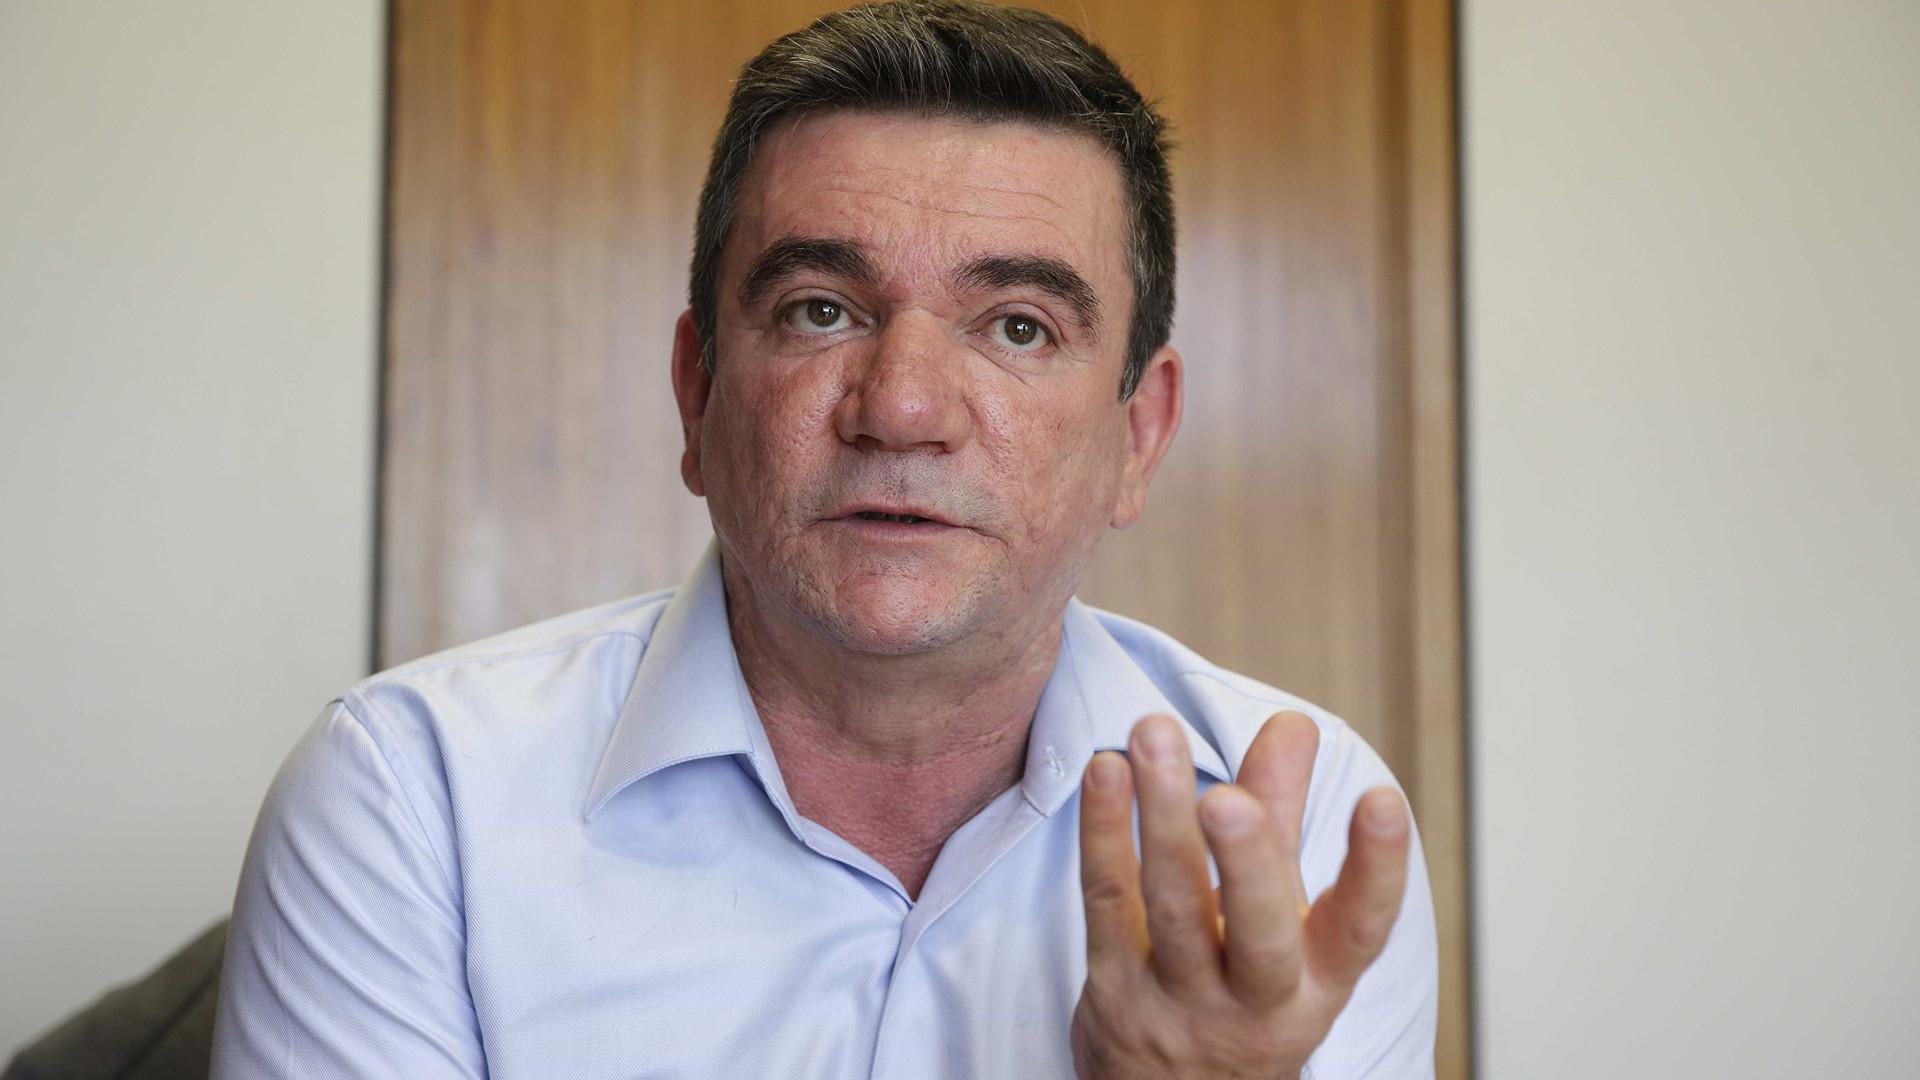 Andrés Sanchez anuncia seu afastamento da presidência do Corinthians